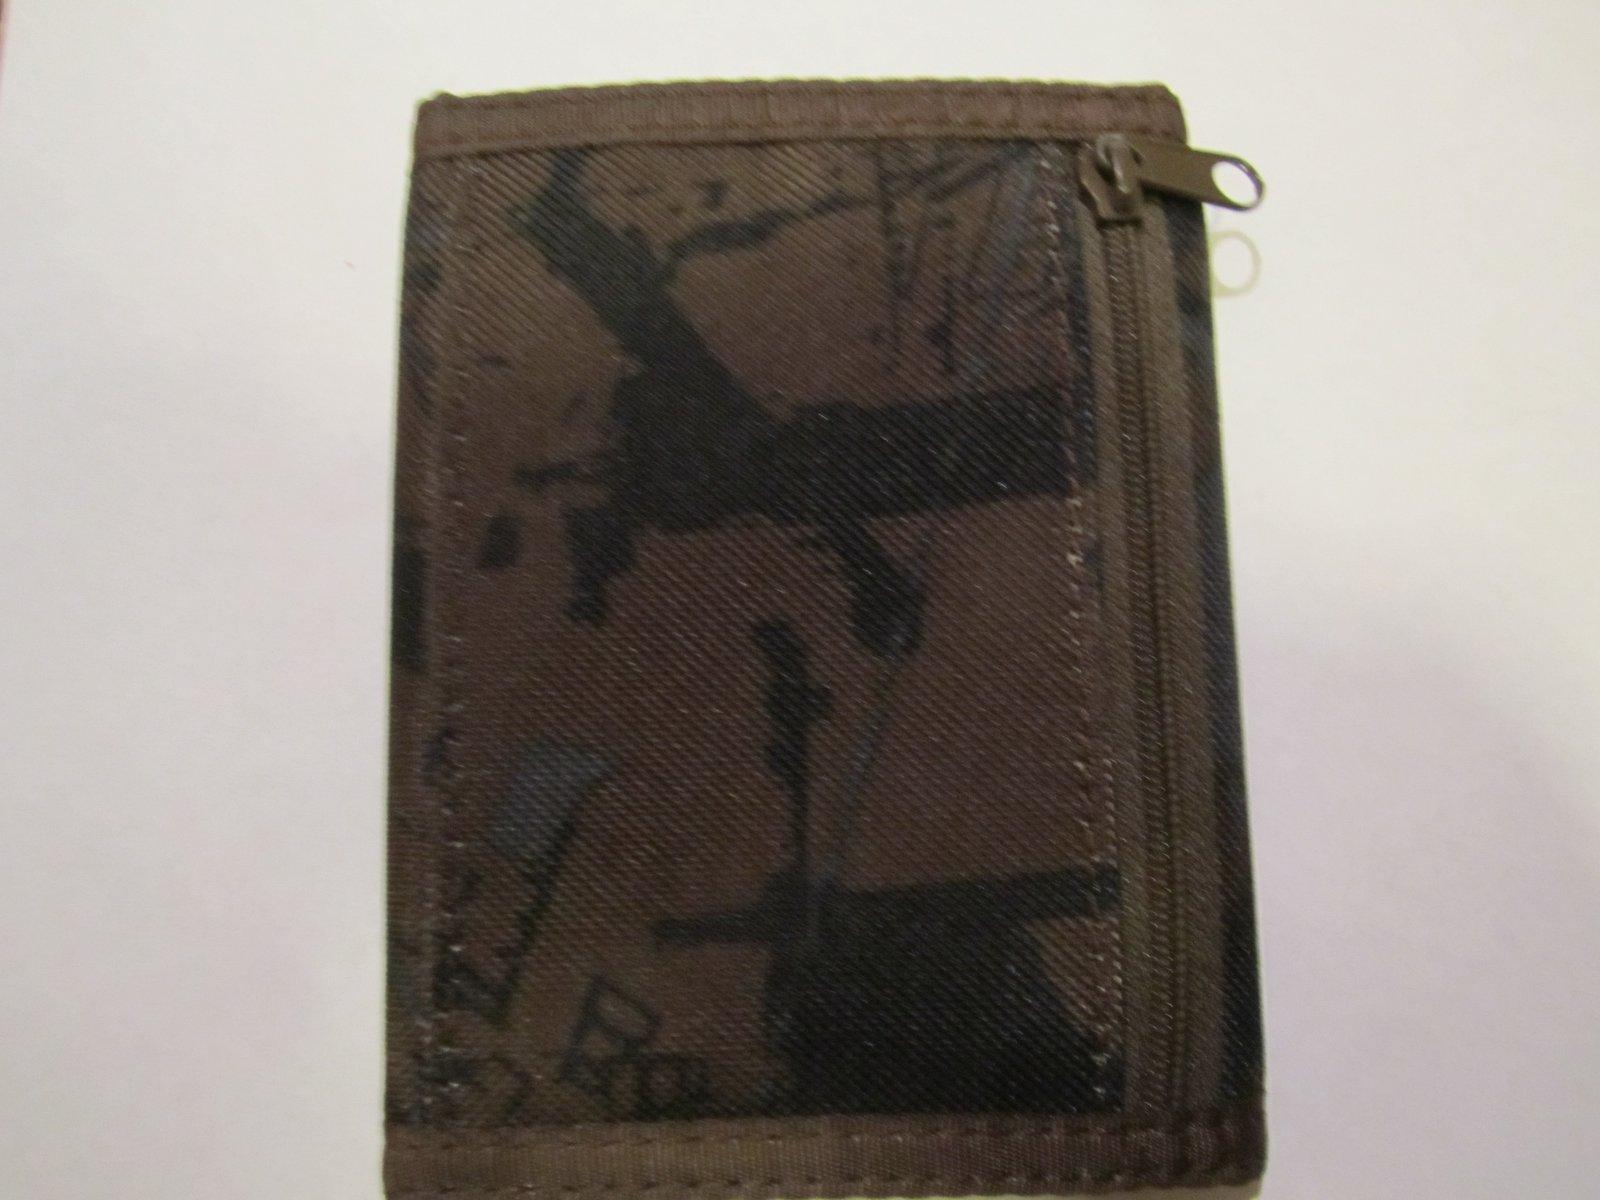 Dakine wallet back